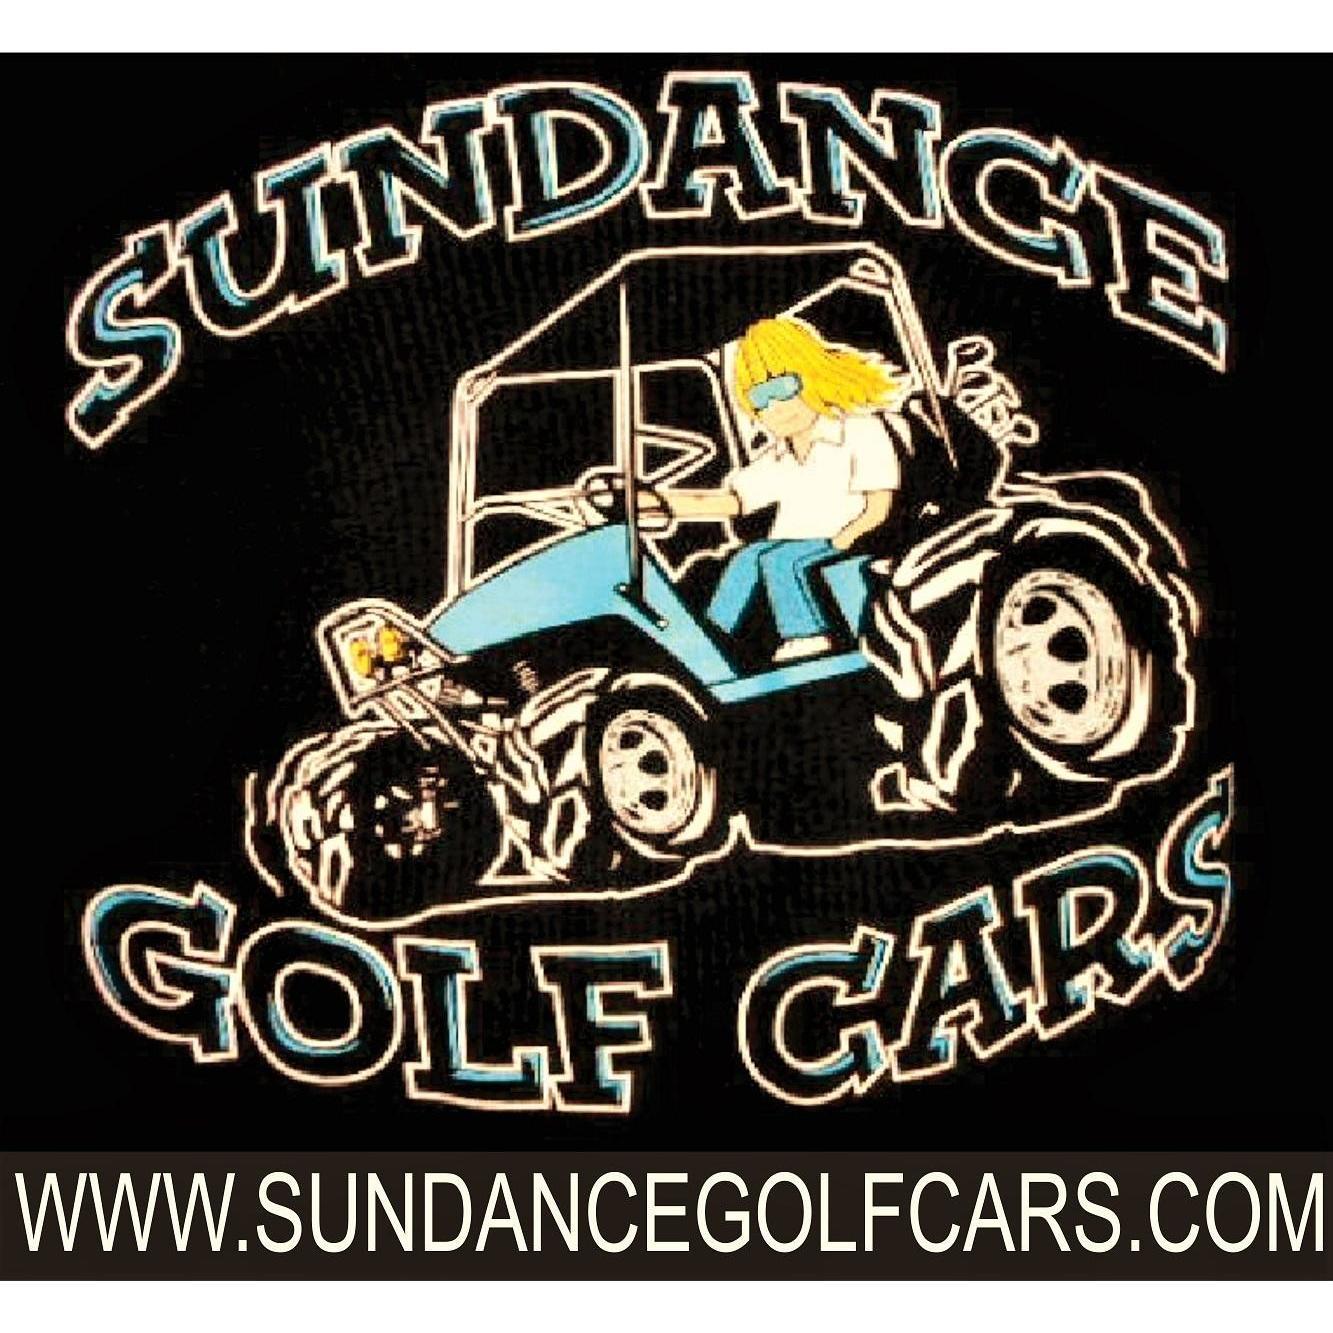 Sundance Custom Golf Carts